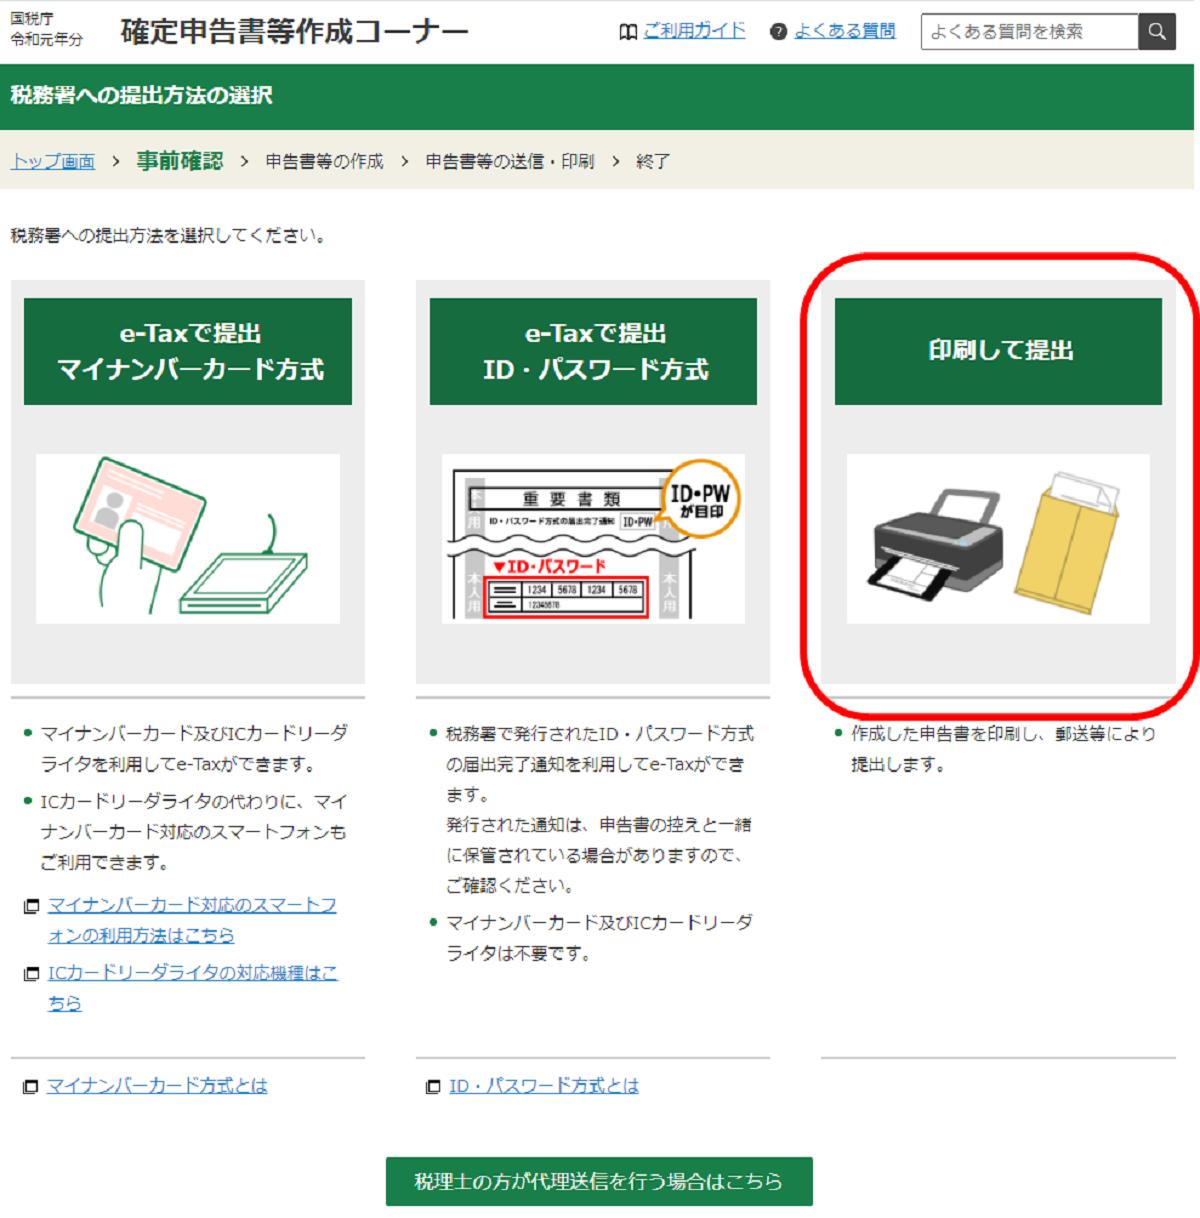 国税庁確定申告書等作成コーナーのページのスクリーンショット(税務署への提出方法の選択のページ)